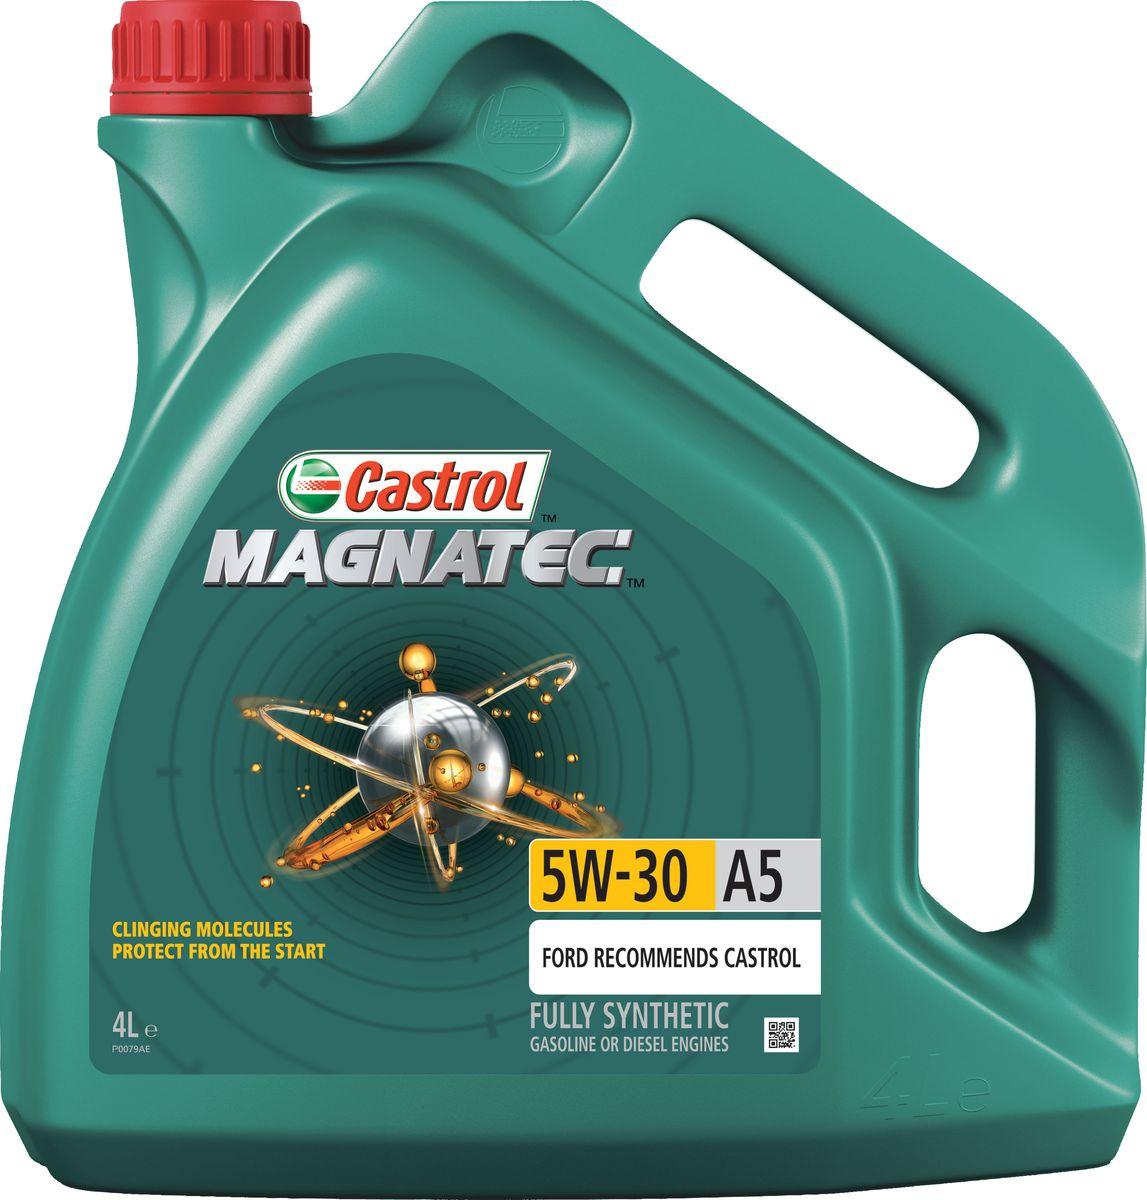 Масло моторное Castrol Magnatec, синтетическое, класс вязкости 5W-30, A5, 4 л15583DДо 75% износа двигателя происходит во время его пуска и прогрева. Когда двигатель выключен, обычное масло стекает в поддон картера, оставляя важнейшие детали двигателя незащищенными. Молекулы Castrol Magnatec подобно магниту притягиваются к деталям двигателя и образуют сверхпрочную масляную пленку, обеспечивающую дополнительную защиту двигателя в период пуска, когда риск возникновения износа существенно возрастает.Моторное масло Castrol Magnatec предназначено для бензиновых и дизельных двигателей автомобилей, в которых производитель рекомендует использовать смазочные материалы класса вязкости SAE 5W-30, спецификаций ACEA A5/B5, A1/B1, API SN/CF ILSAC GF-4 или более ранних. Castrol Magnatec подходит для применения в двигателях автомобилей Ford, требующих моторные масла спецификаций Ford WSS-M2C913-D, Ford WSS-M2C913-C, Ford WSS-M2C913-B или Ford WSS-M2C913-A.Молекулы Castrol Magnatec:- удерживаются на важнейших деталях двигателя, когда обычное масло стекает в поддон картера;- притягиваются к деталям двигателя, образуя устойчивый защитный слой, сохраняющийся с первой секунды работы двигателя вплоть до следующего пуска;- сцепляются с металлическими поверхностями деталей двигателя, делая их более устойчивыми к изнашиванию;- в сочетании с синтетической технологией обеспечивают повышенную защиту при высоко- и низкотемпературных режимах работы двигателя;- обеспечивают постоянную защиту в любых условиях эксплуатации, при различных стилях вождения и в широком диапазоне температур.Castrol Magnatec проявляет отличные эксплуатационные характеристики в экстремальных условиях холодного пуска.Спецификации:ACEA A1/B1, A5/B5,API SN/CF,ILSAC GF-4,Meets Ford WSS-M2C913-A / Ford WSS-M2C913-B / Ford WSS-M2C913-C / Ford WSS-M2C913-D.Товар сертифицирован.